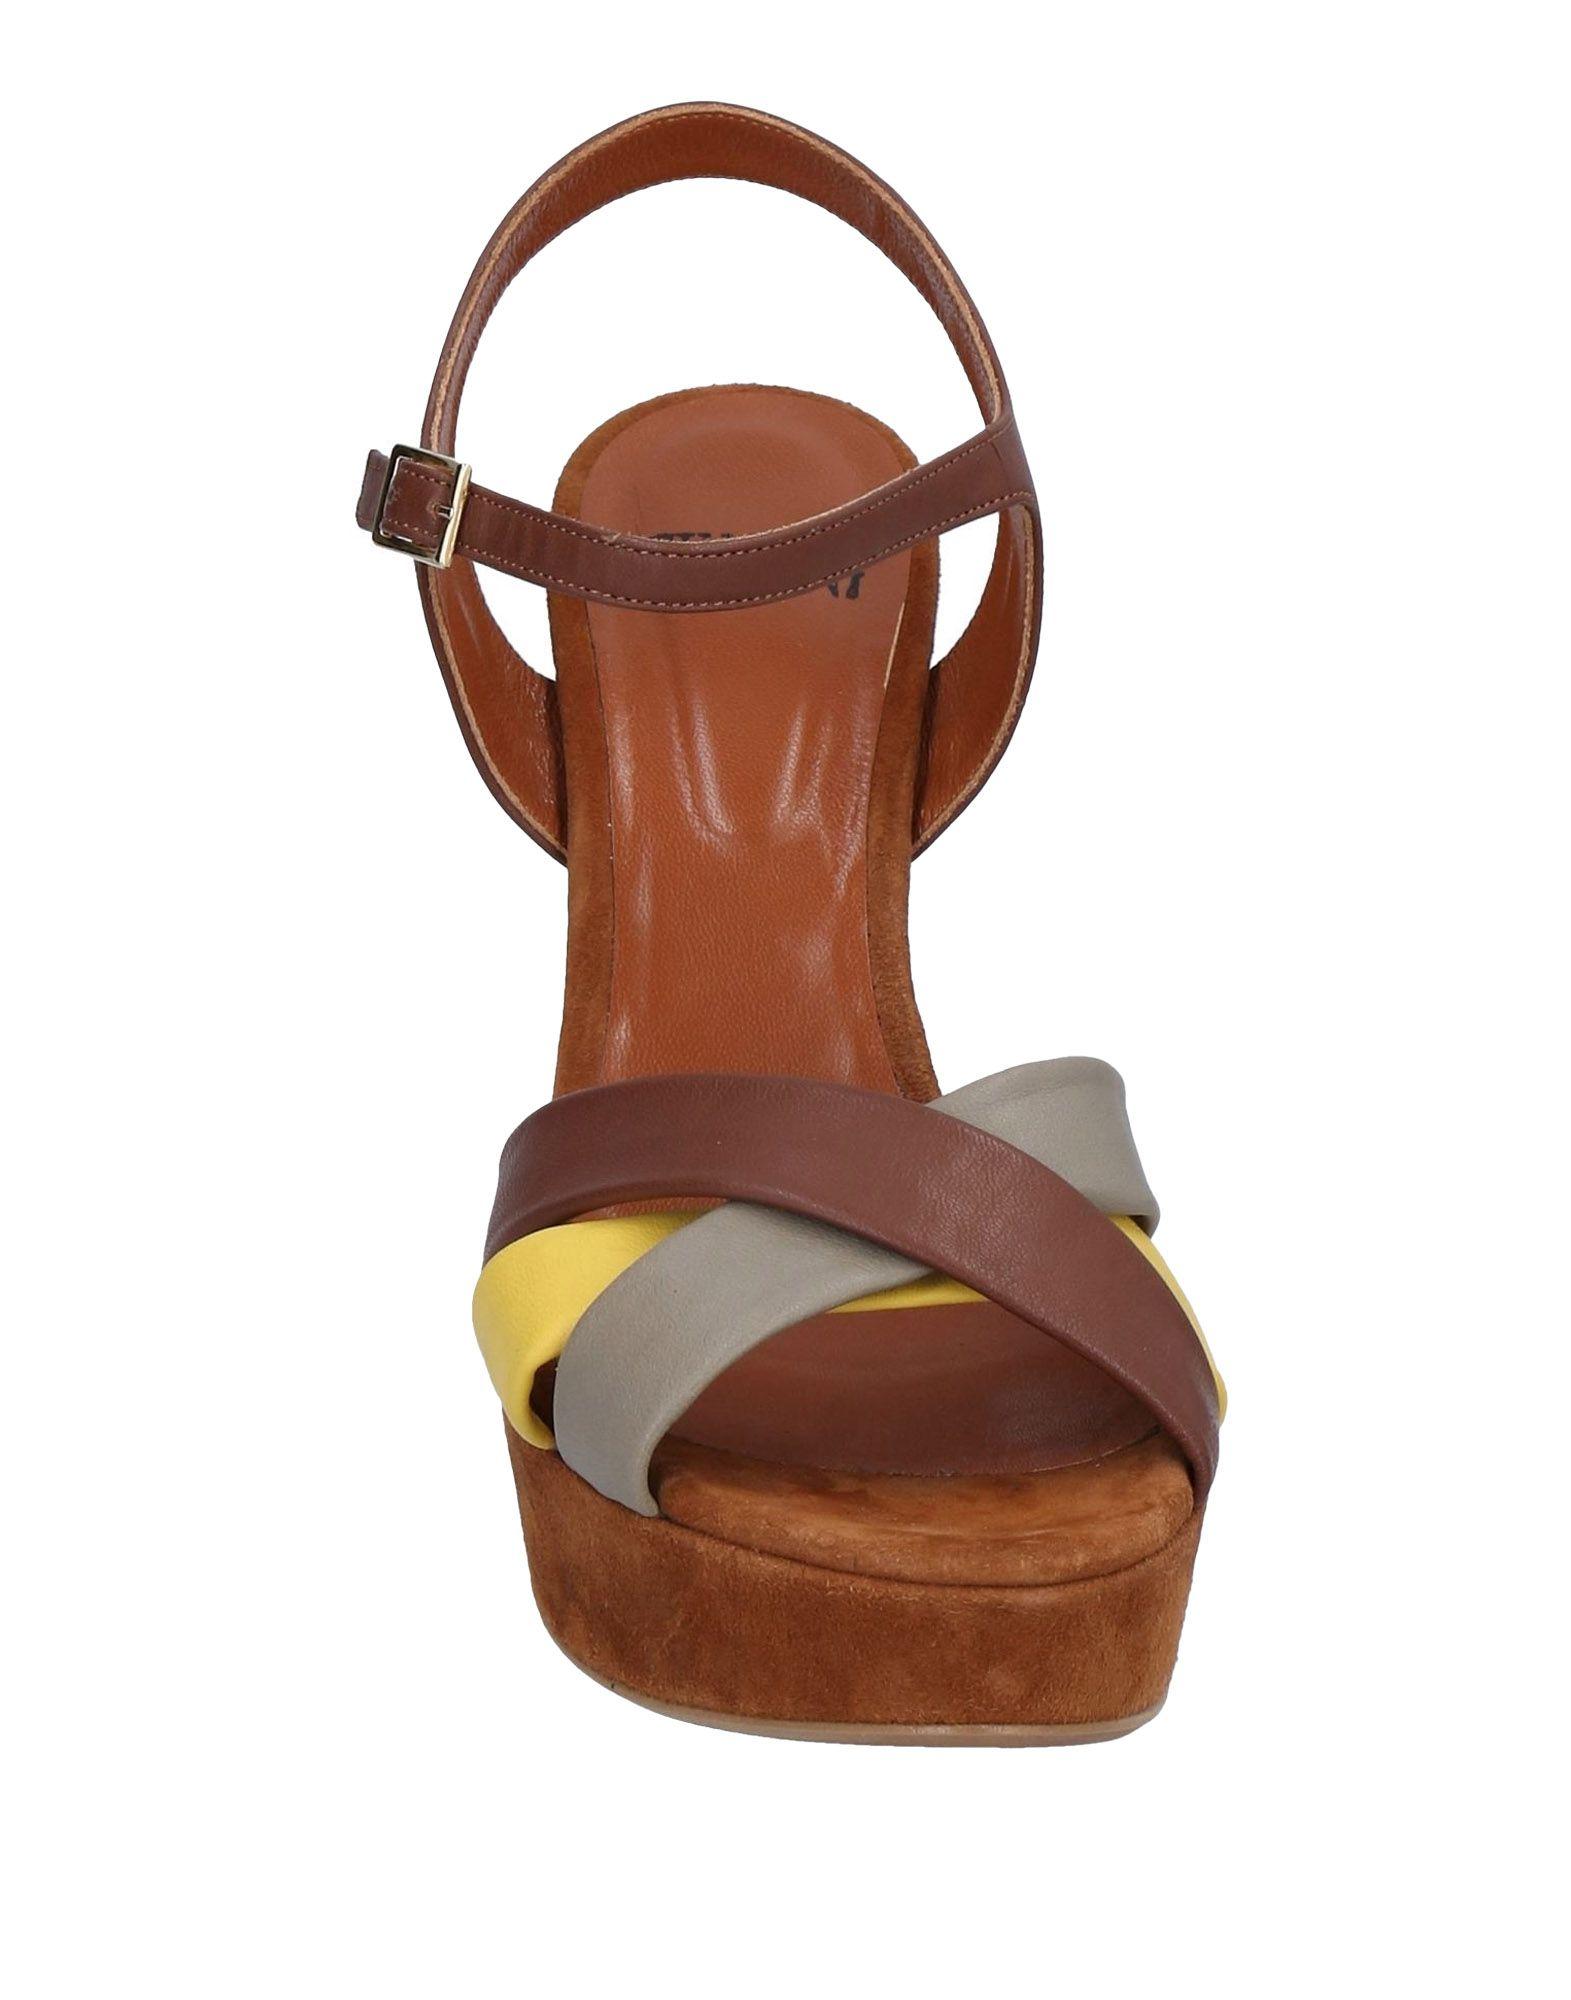 Silvia Rossini Sandalen Gute Damen  11518330PF Gute Sandalen Qualität beliebte Schuhe 85ba22